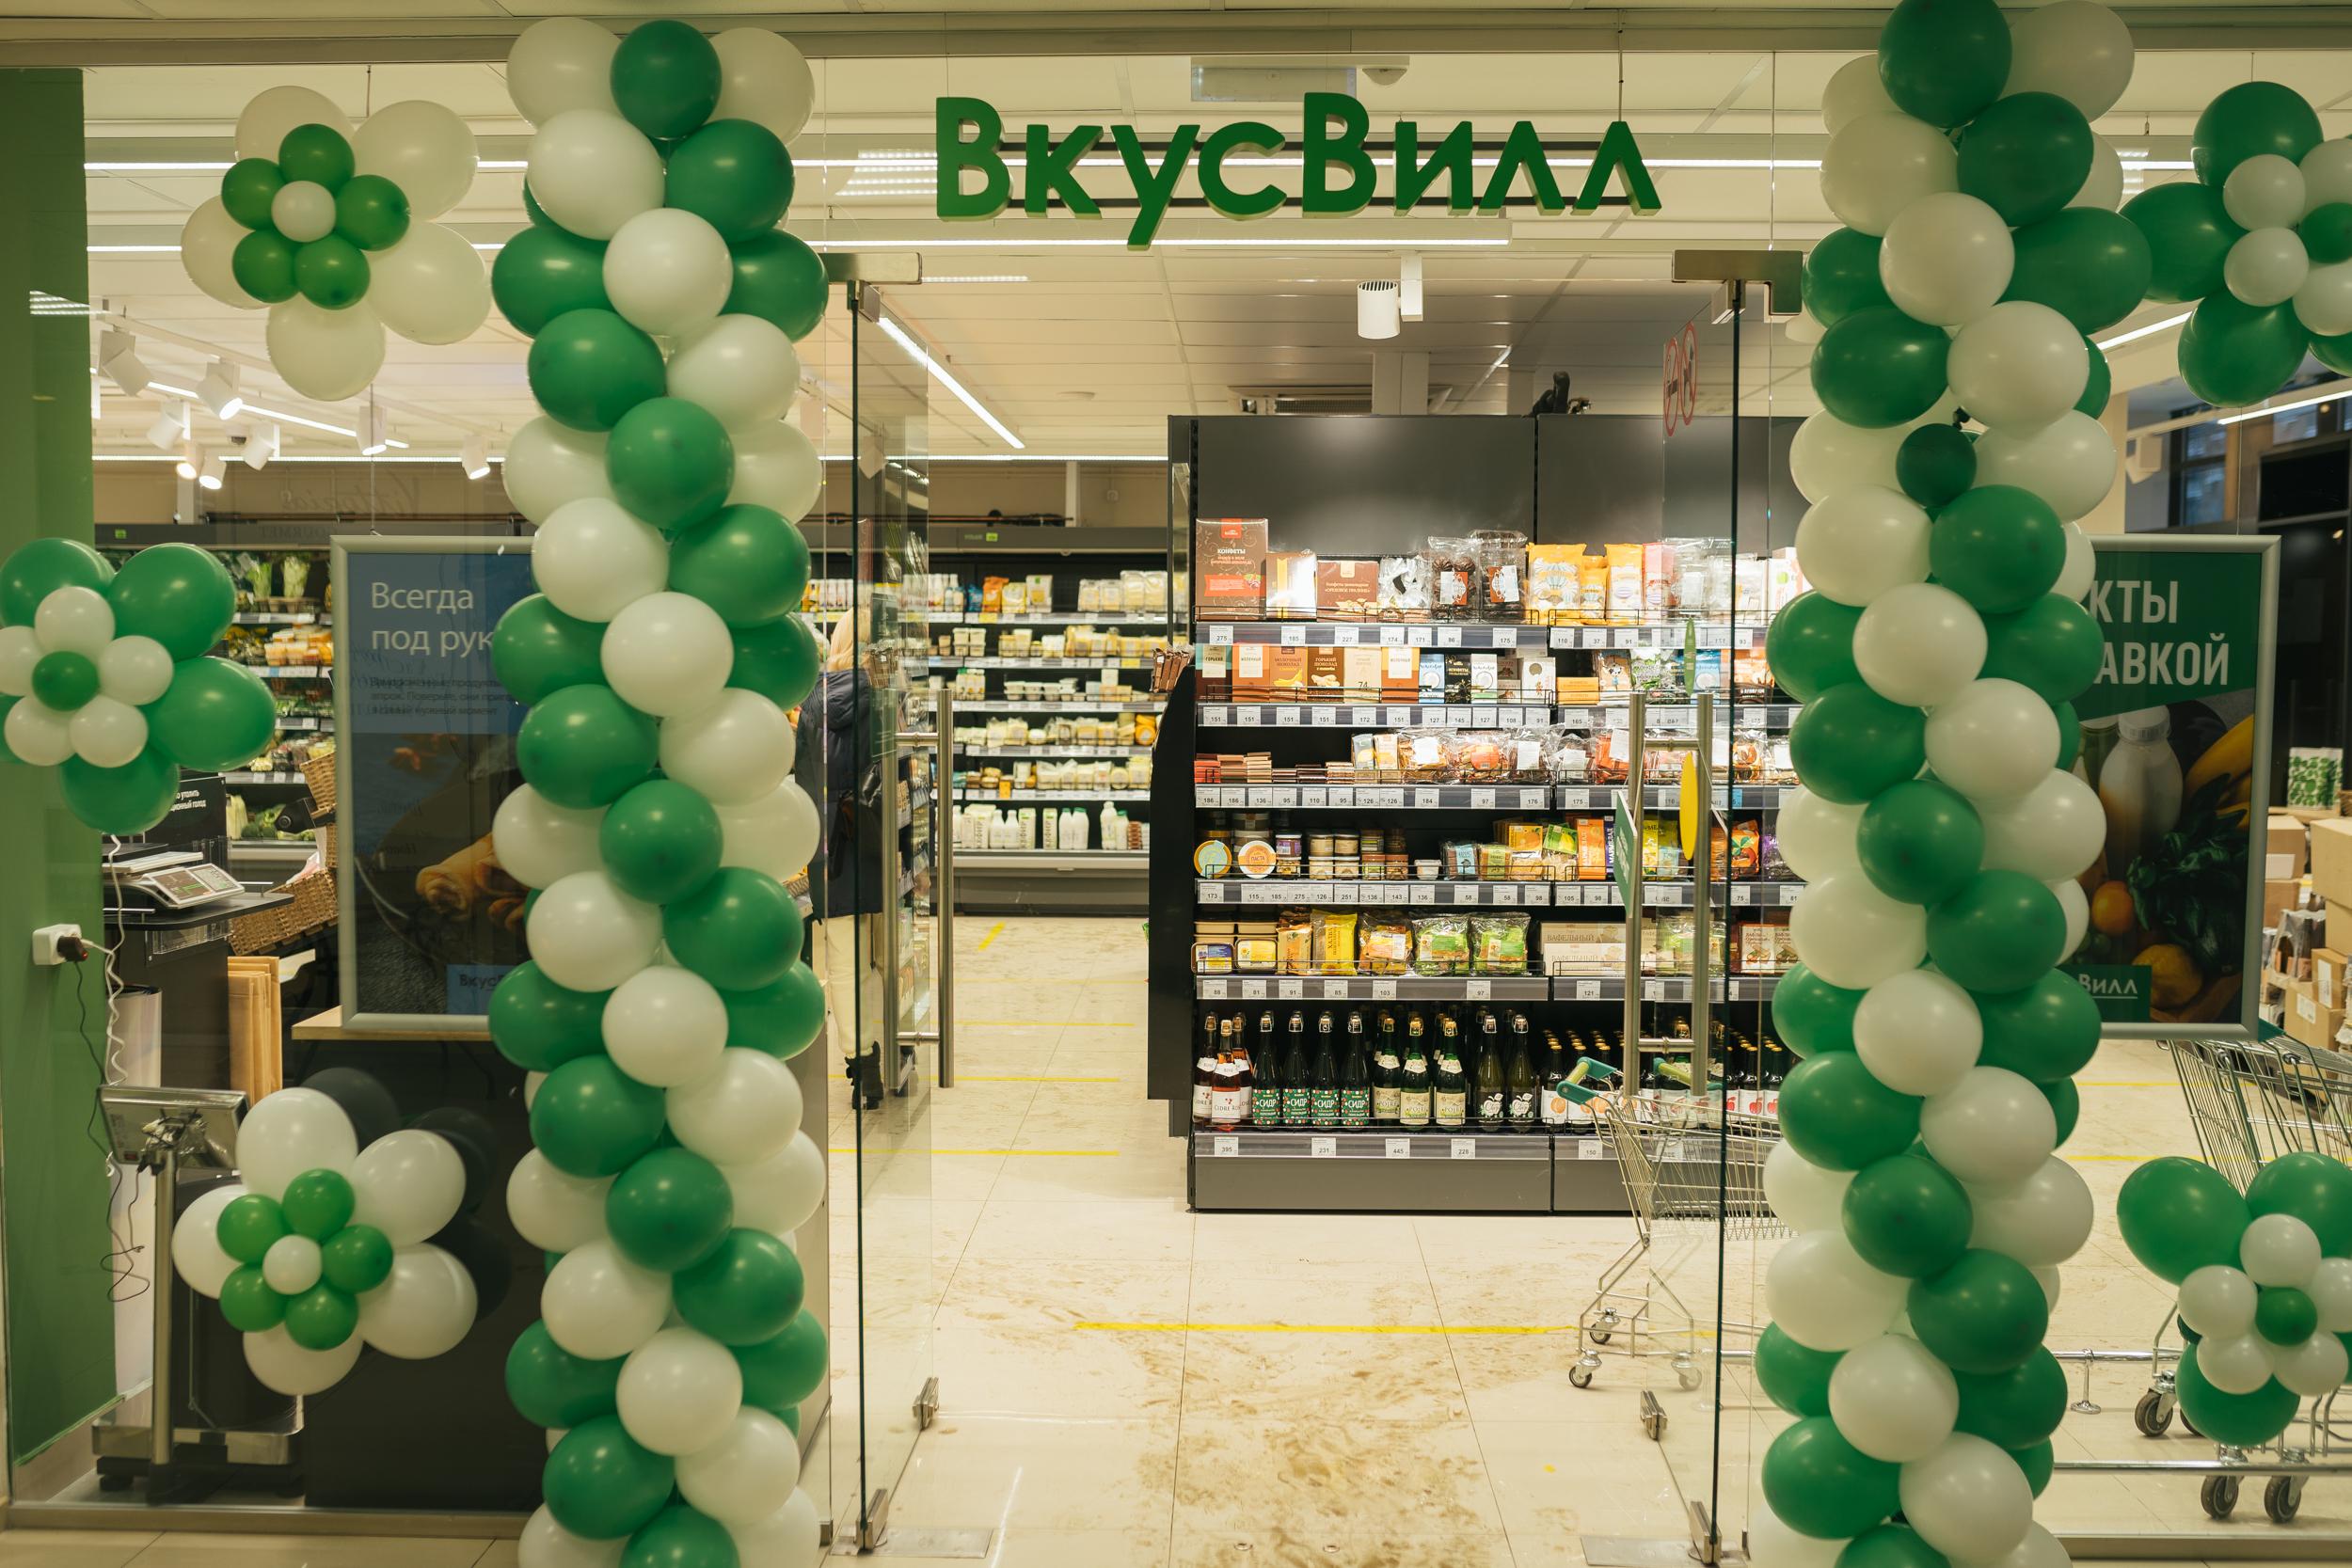 Первый магазин в Самаре открылся на Ново-Садовой, 24